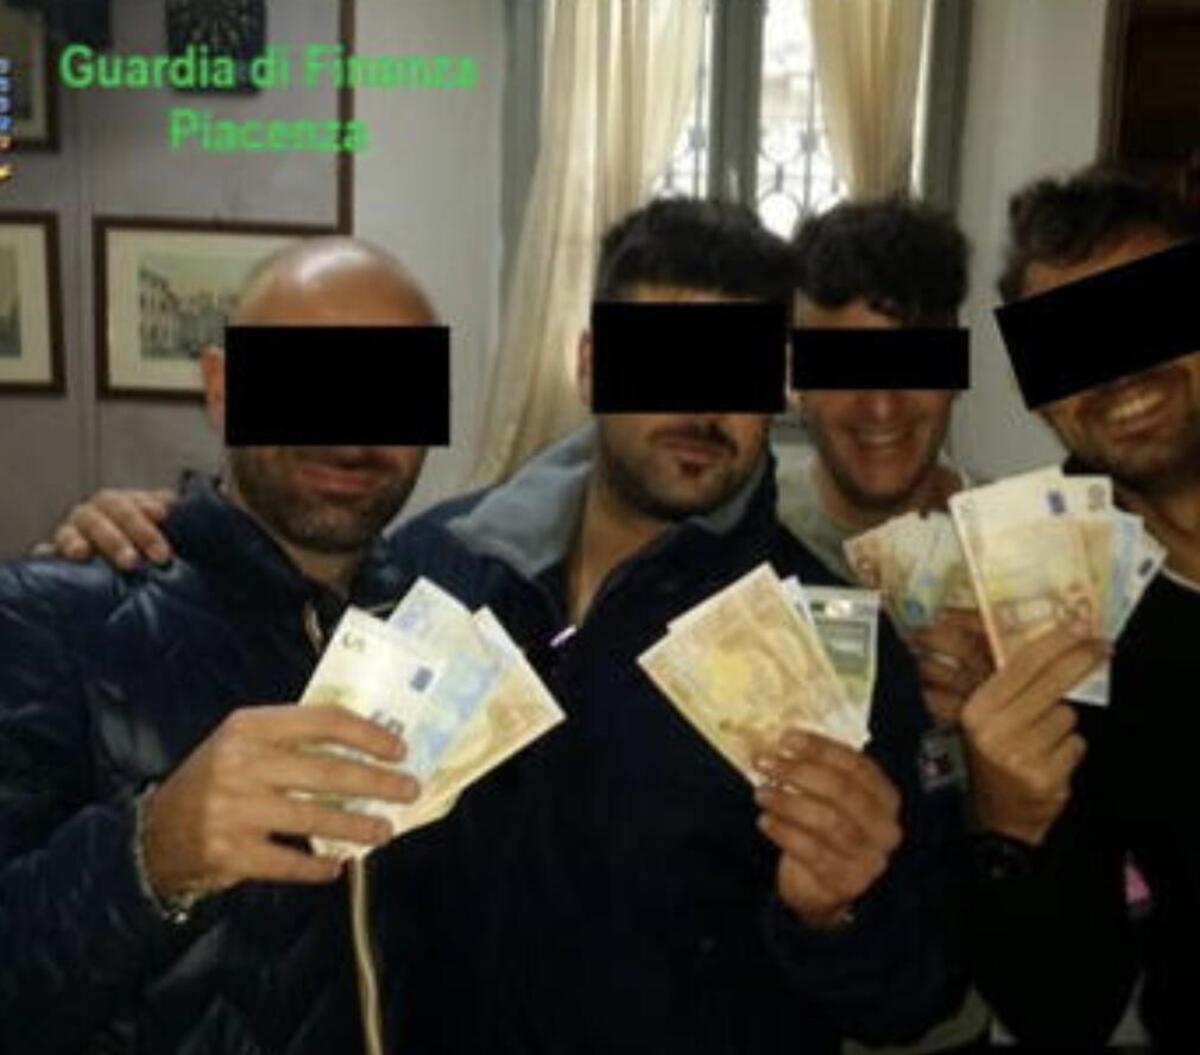 Caporal - chef des Carabiniers arrêté à Piacenza: ici, c'est tout de son deux roues